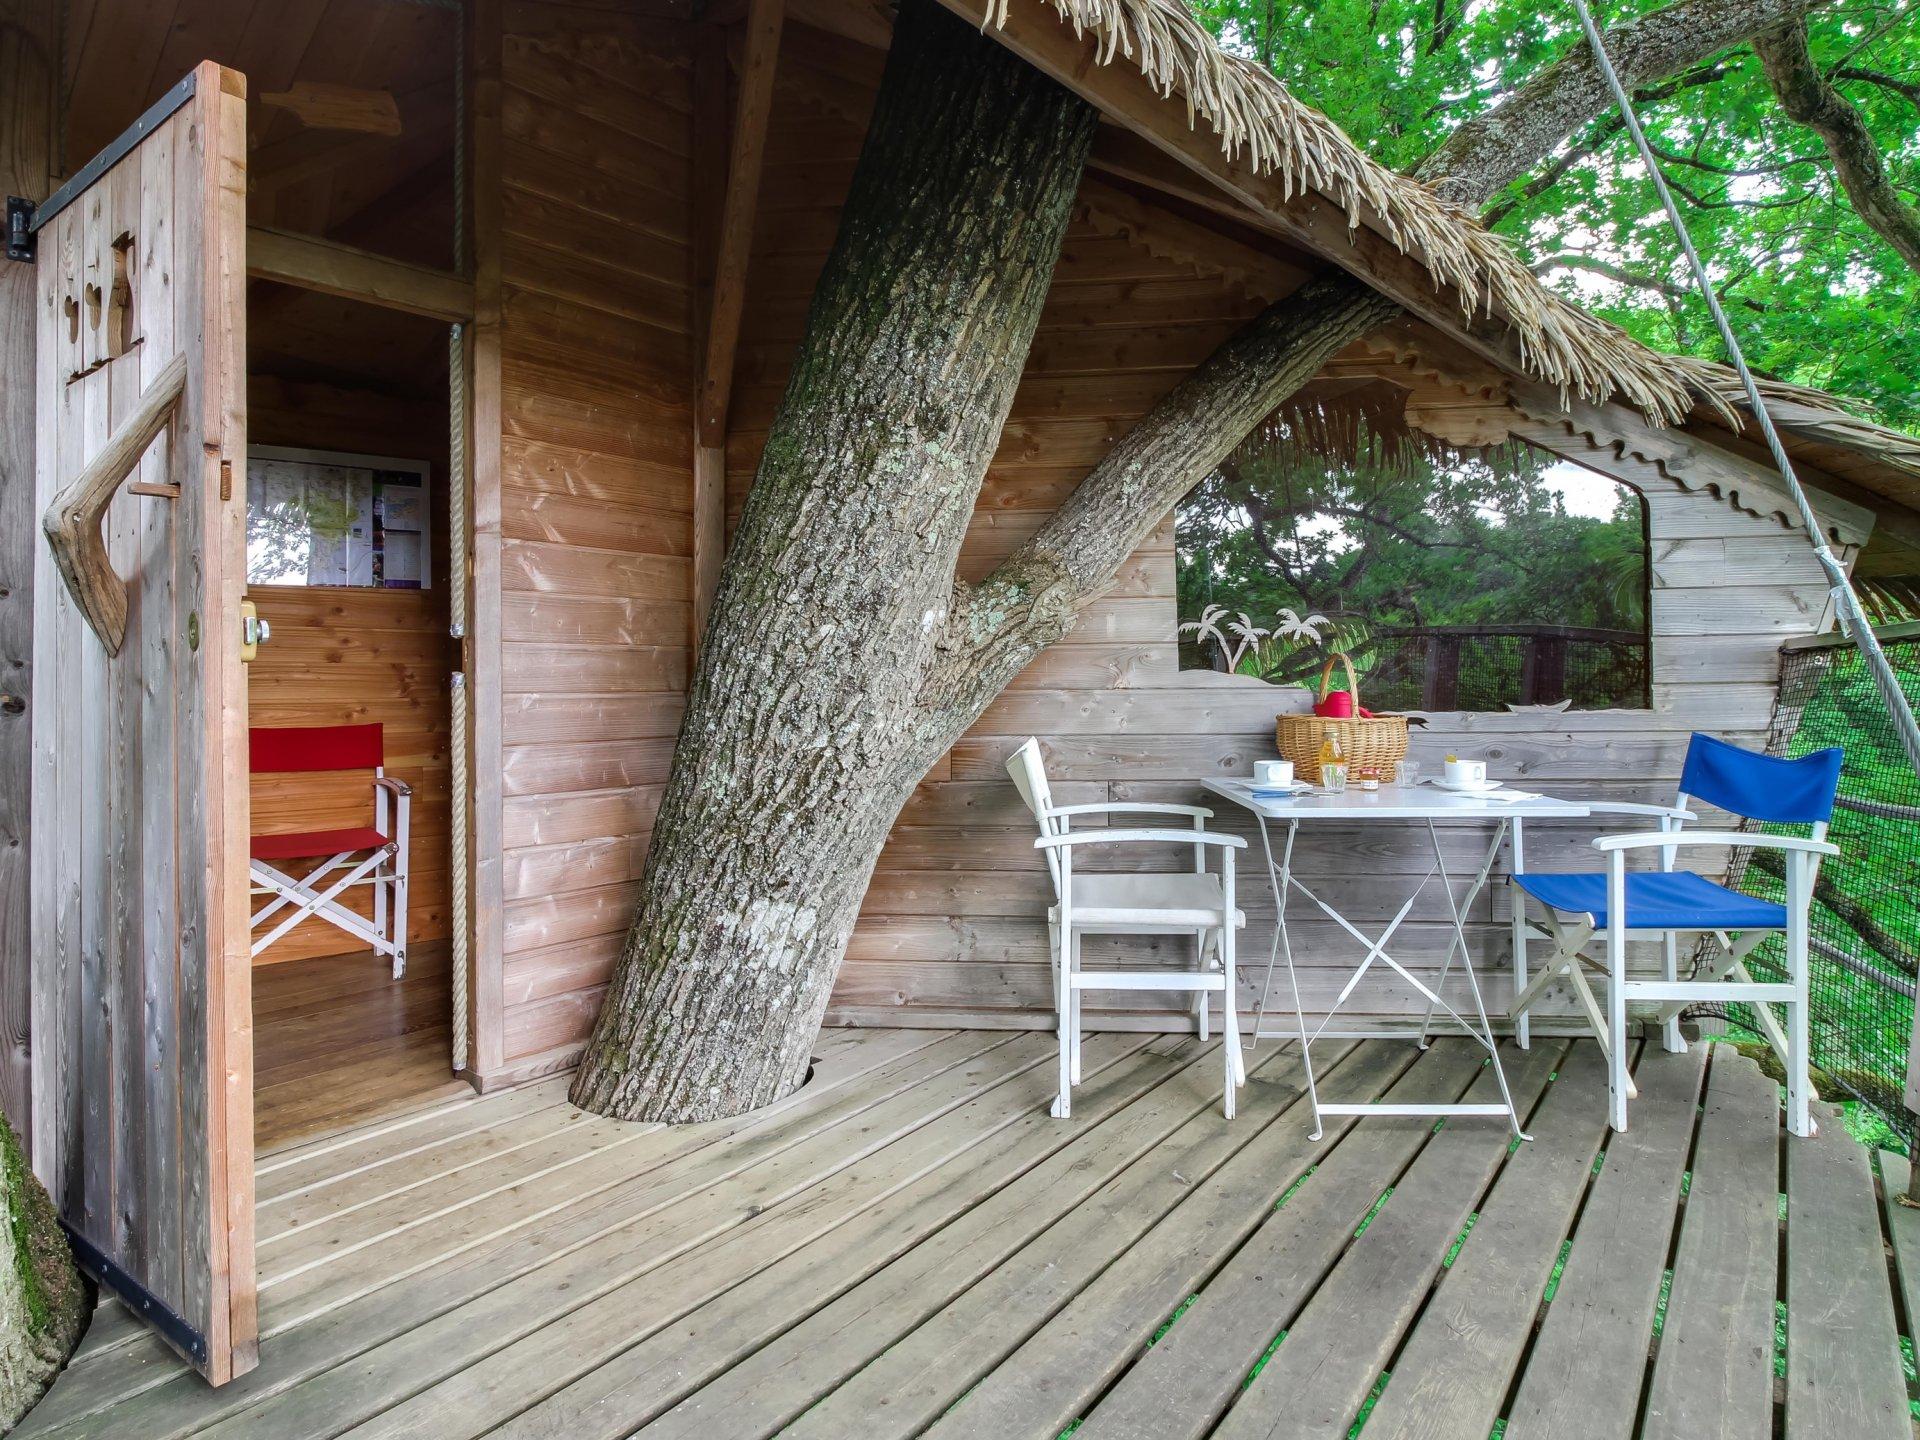 guadeloupe cabane dans les arbres pays de la loire hebergement insolite dormir bulle. Black Bedroom Furniture Sets. Home Design Ideas